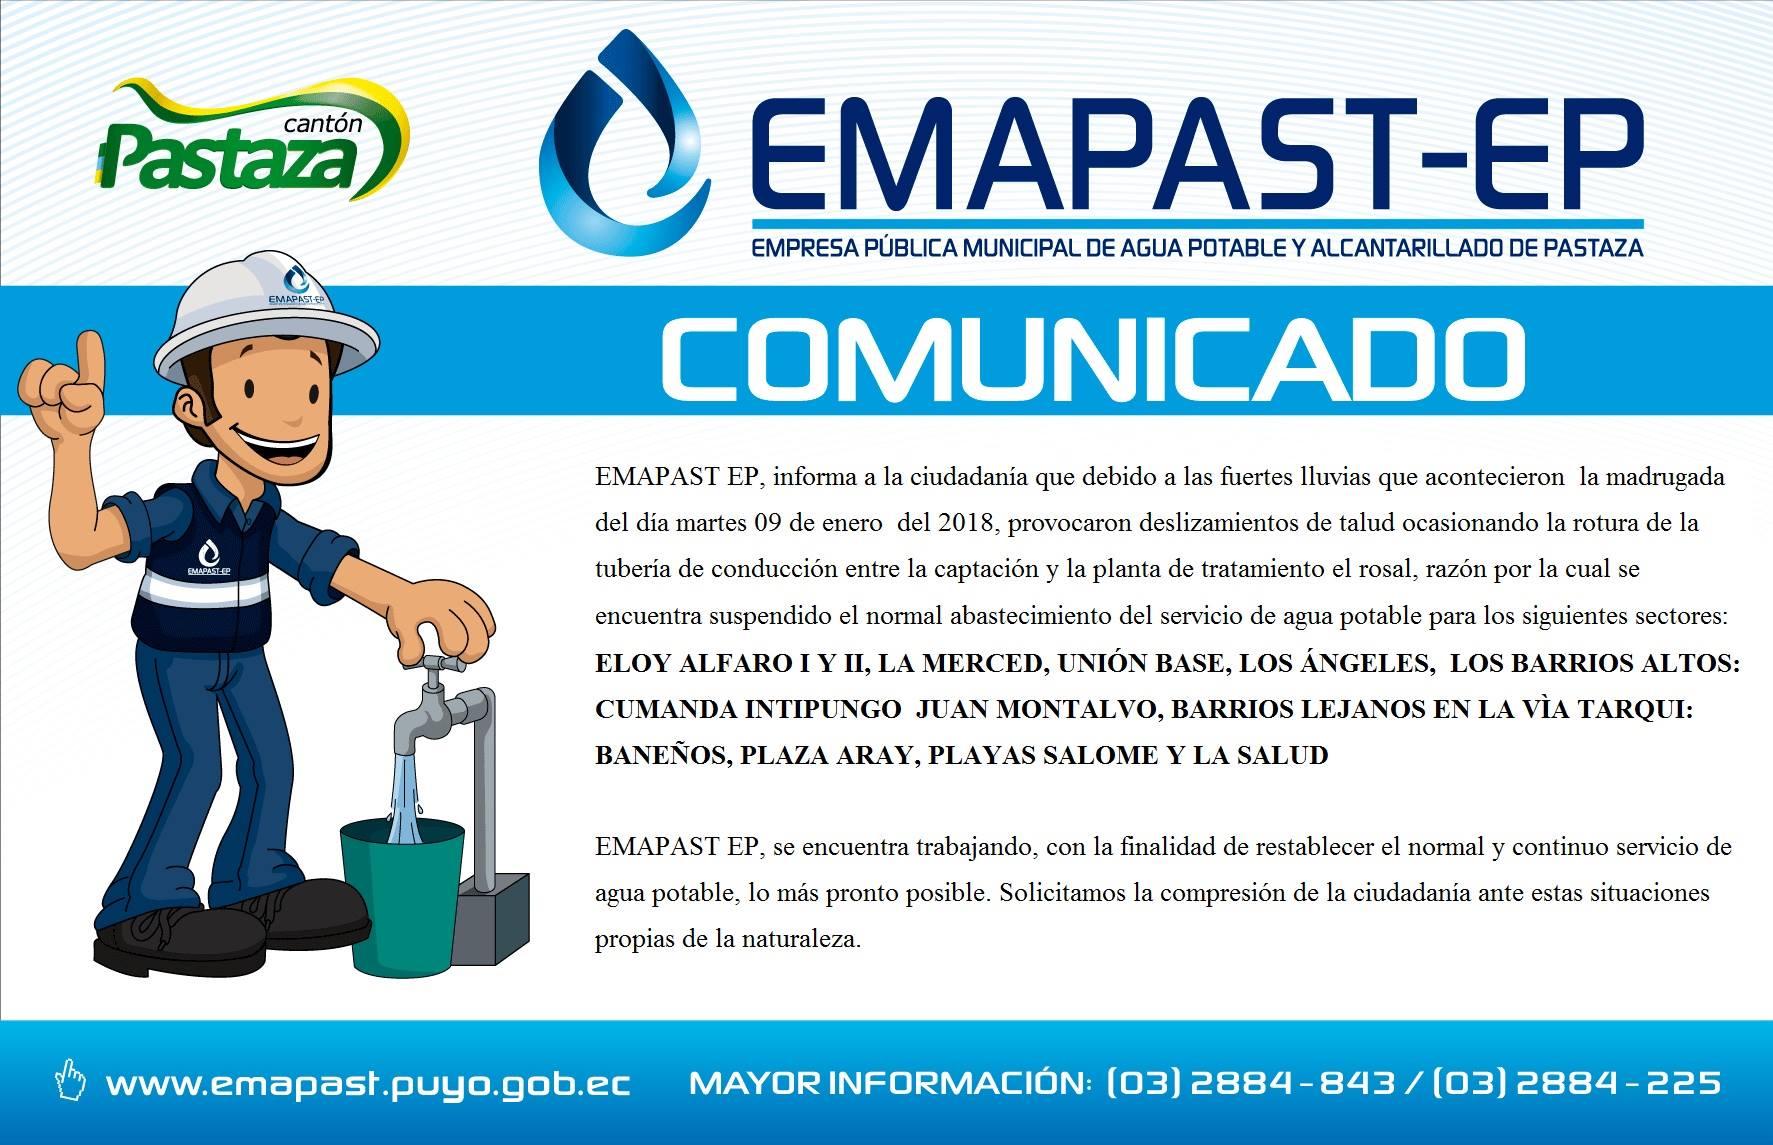 Comunicado Nº EMAPAST GCOM 001 2018 Puyo, 09 De Enero Del 2018 COMUNICADO